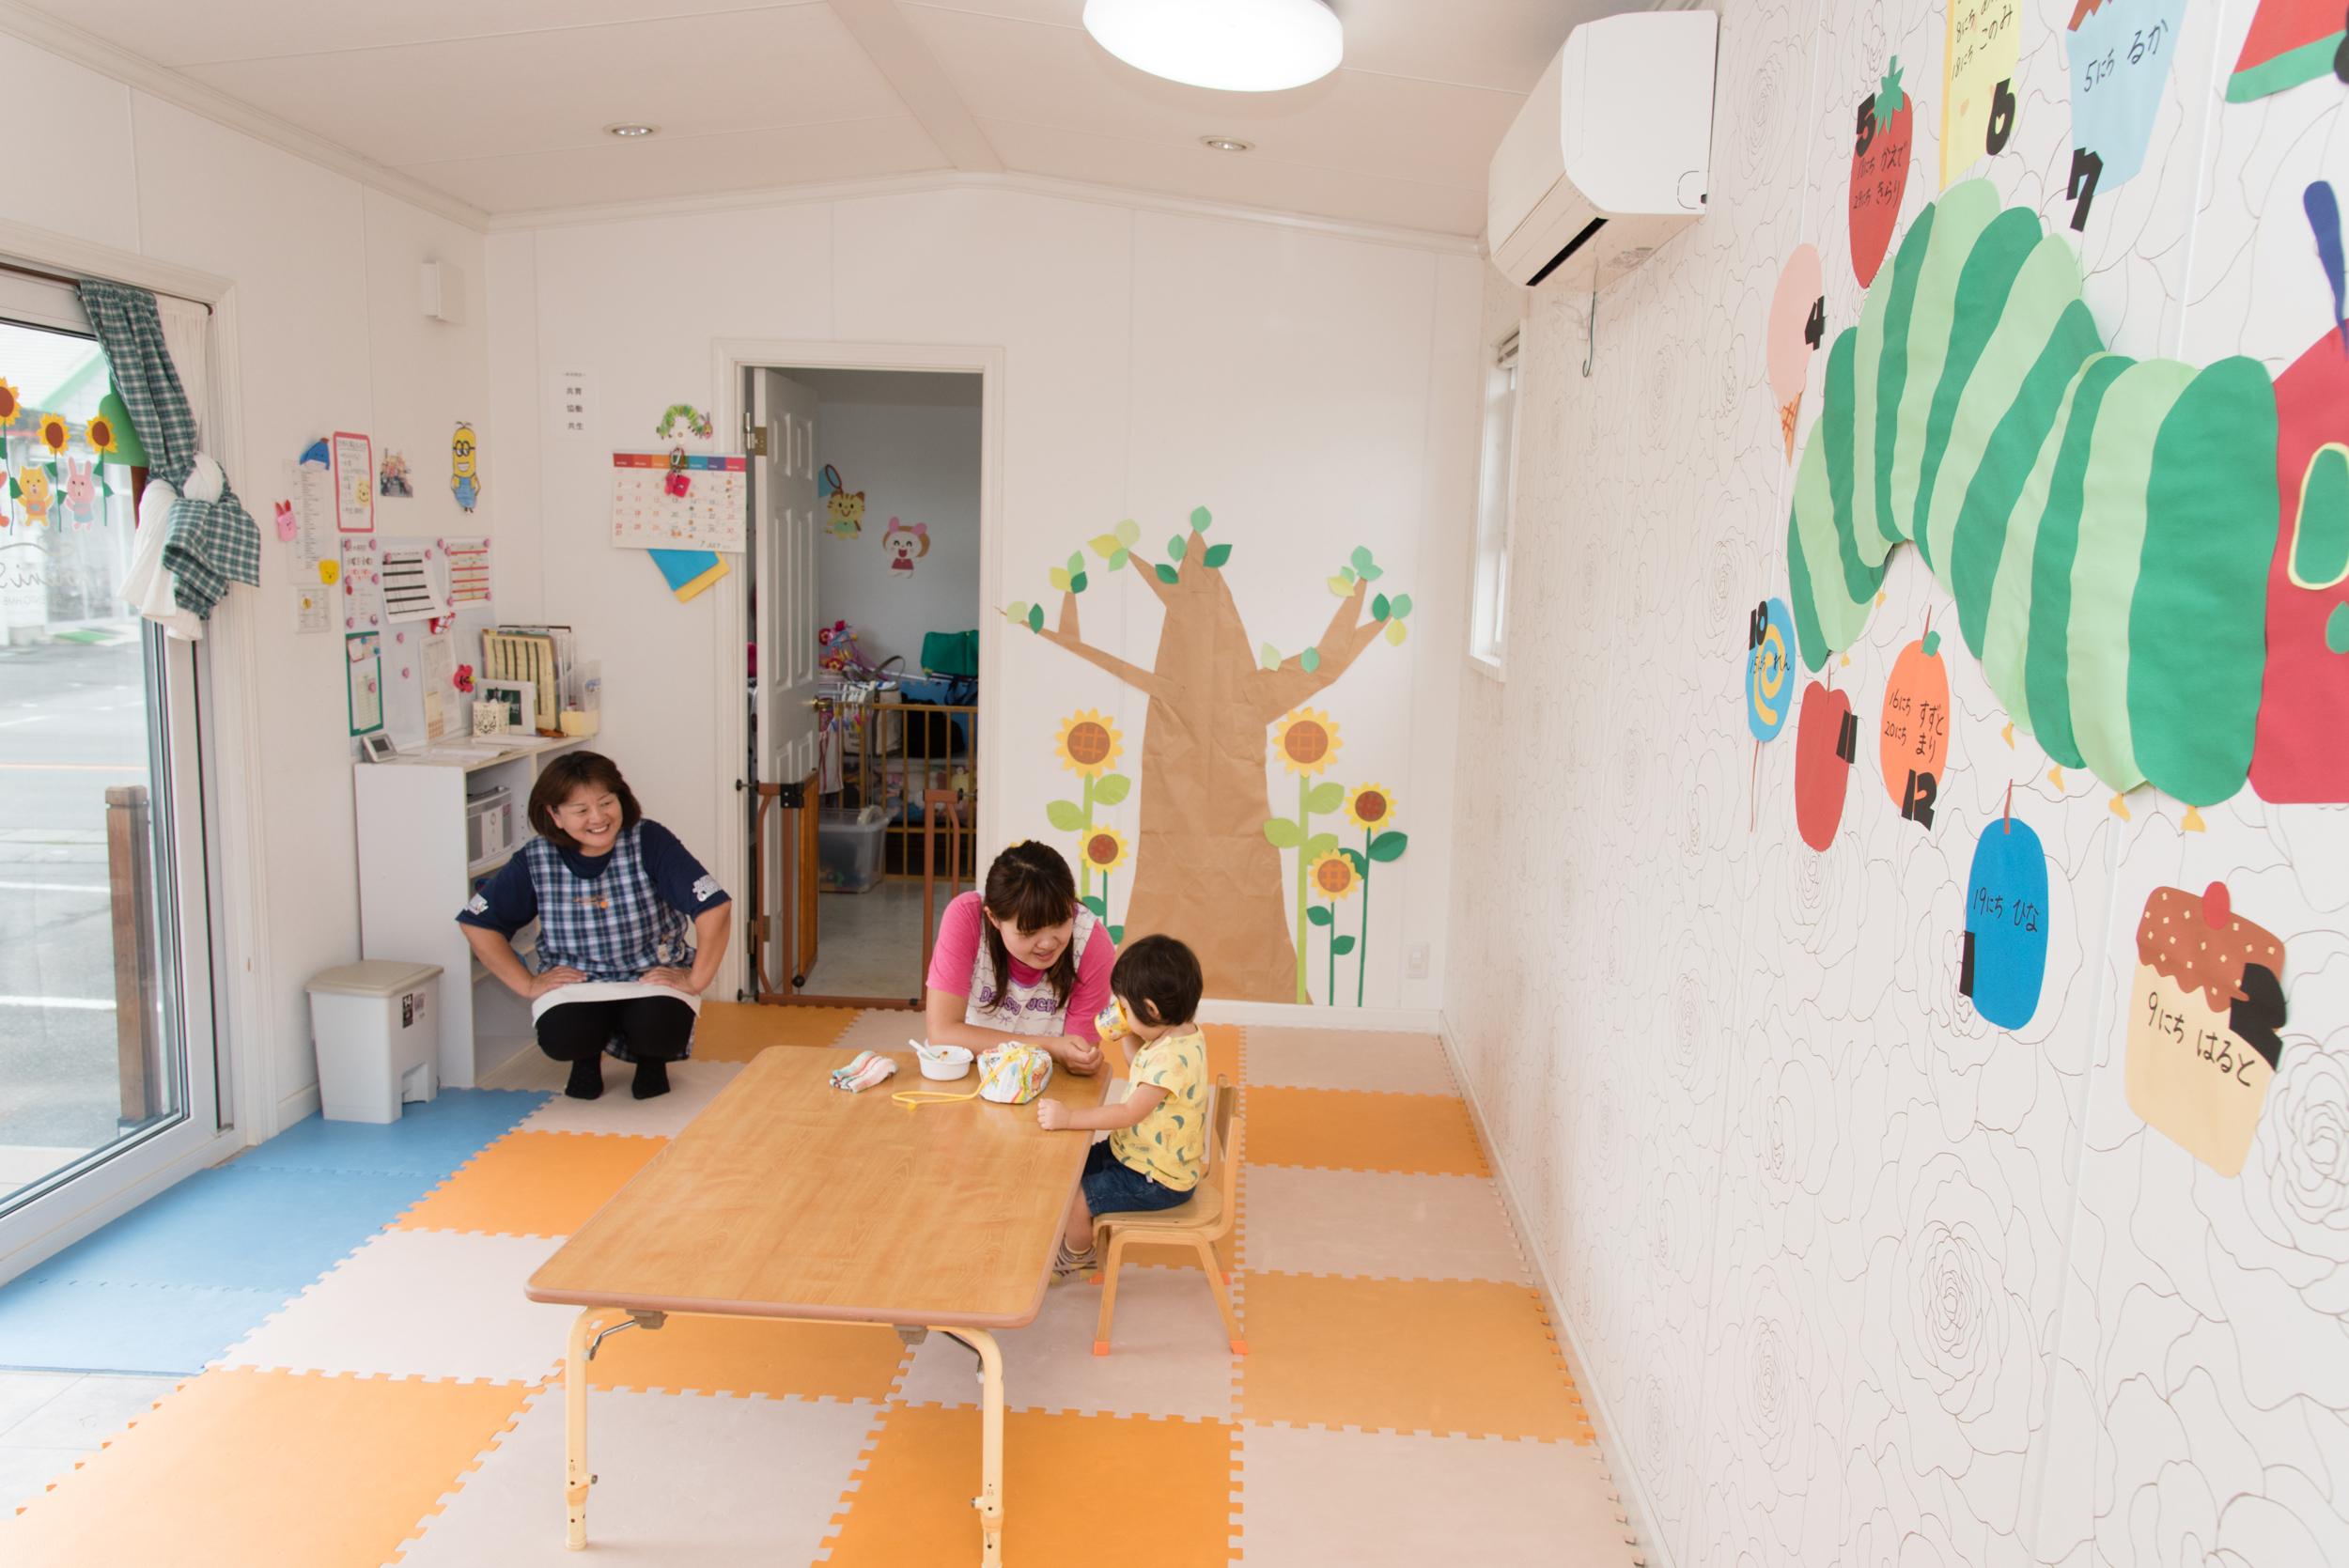 おもちゃがずらりと揃った託児所では、工作やお絵かきなどさまざまな遊びで子どもを楽しませてくれる。夏はプール、冬は雪遊び、春はお花見ピクニックなど、季節の催しもいろいろ